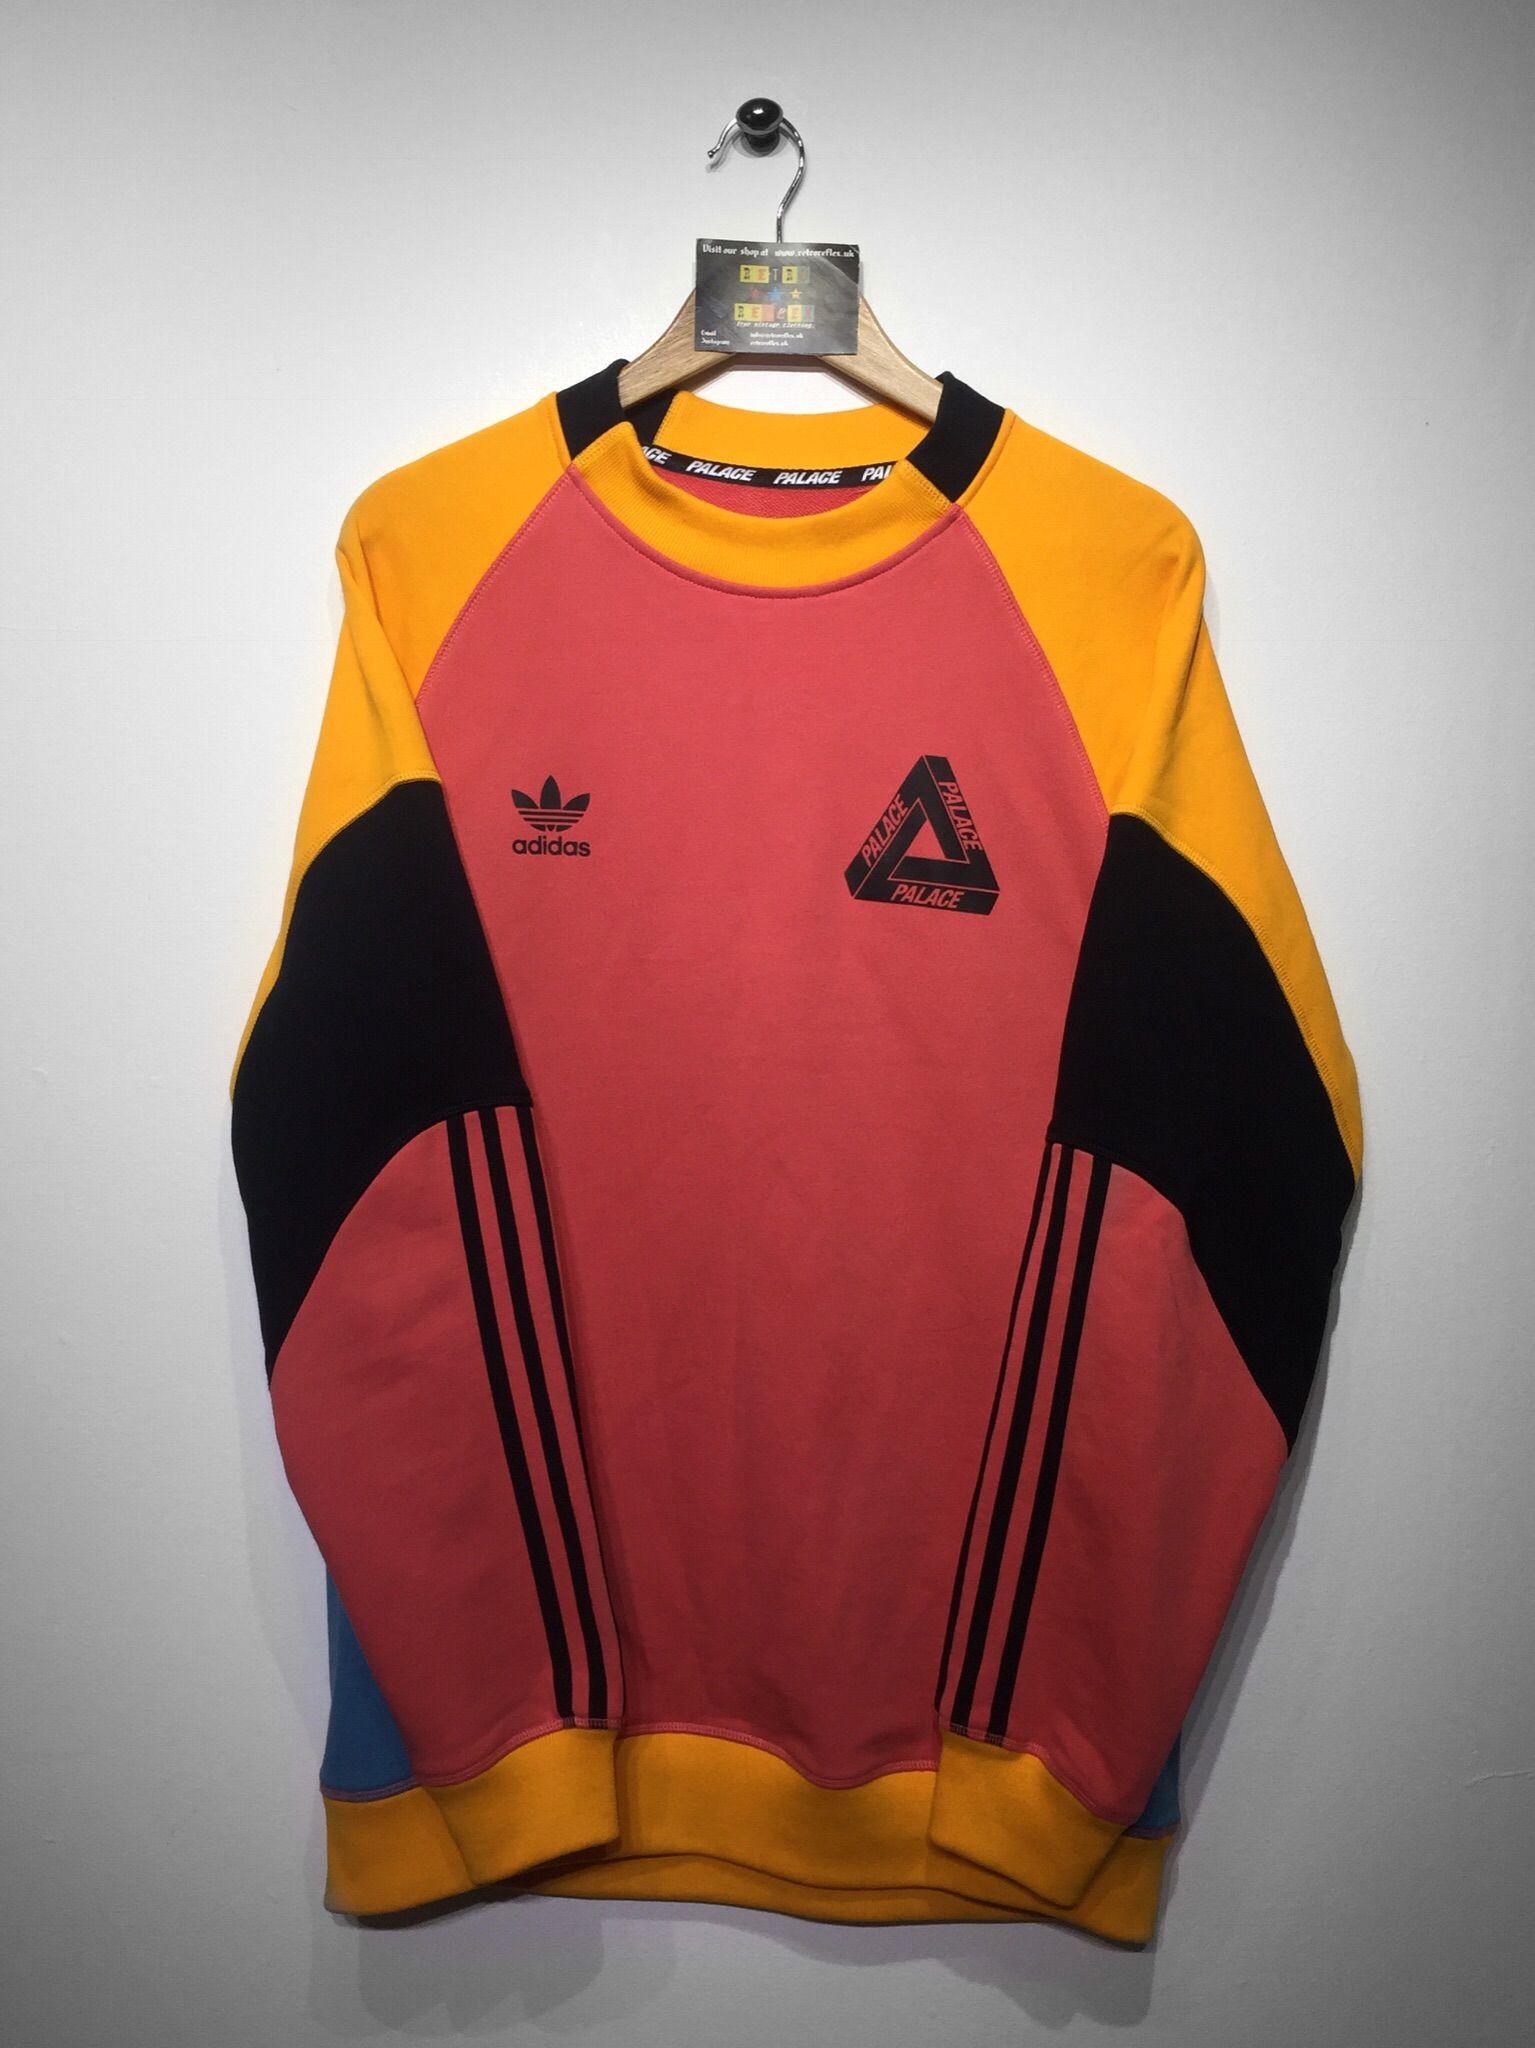 36cc9831873 Adidas x palace sweatshirt size X Large (but Fits Oversized) £180 Website